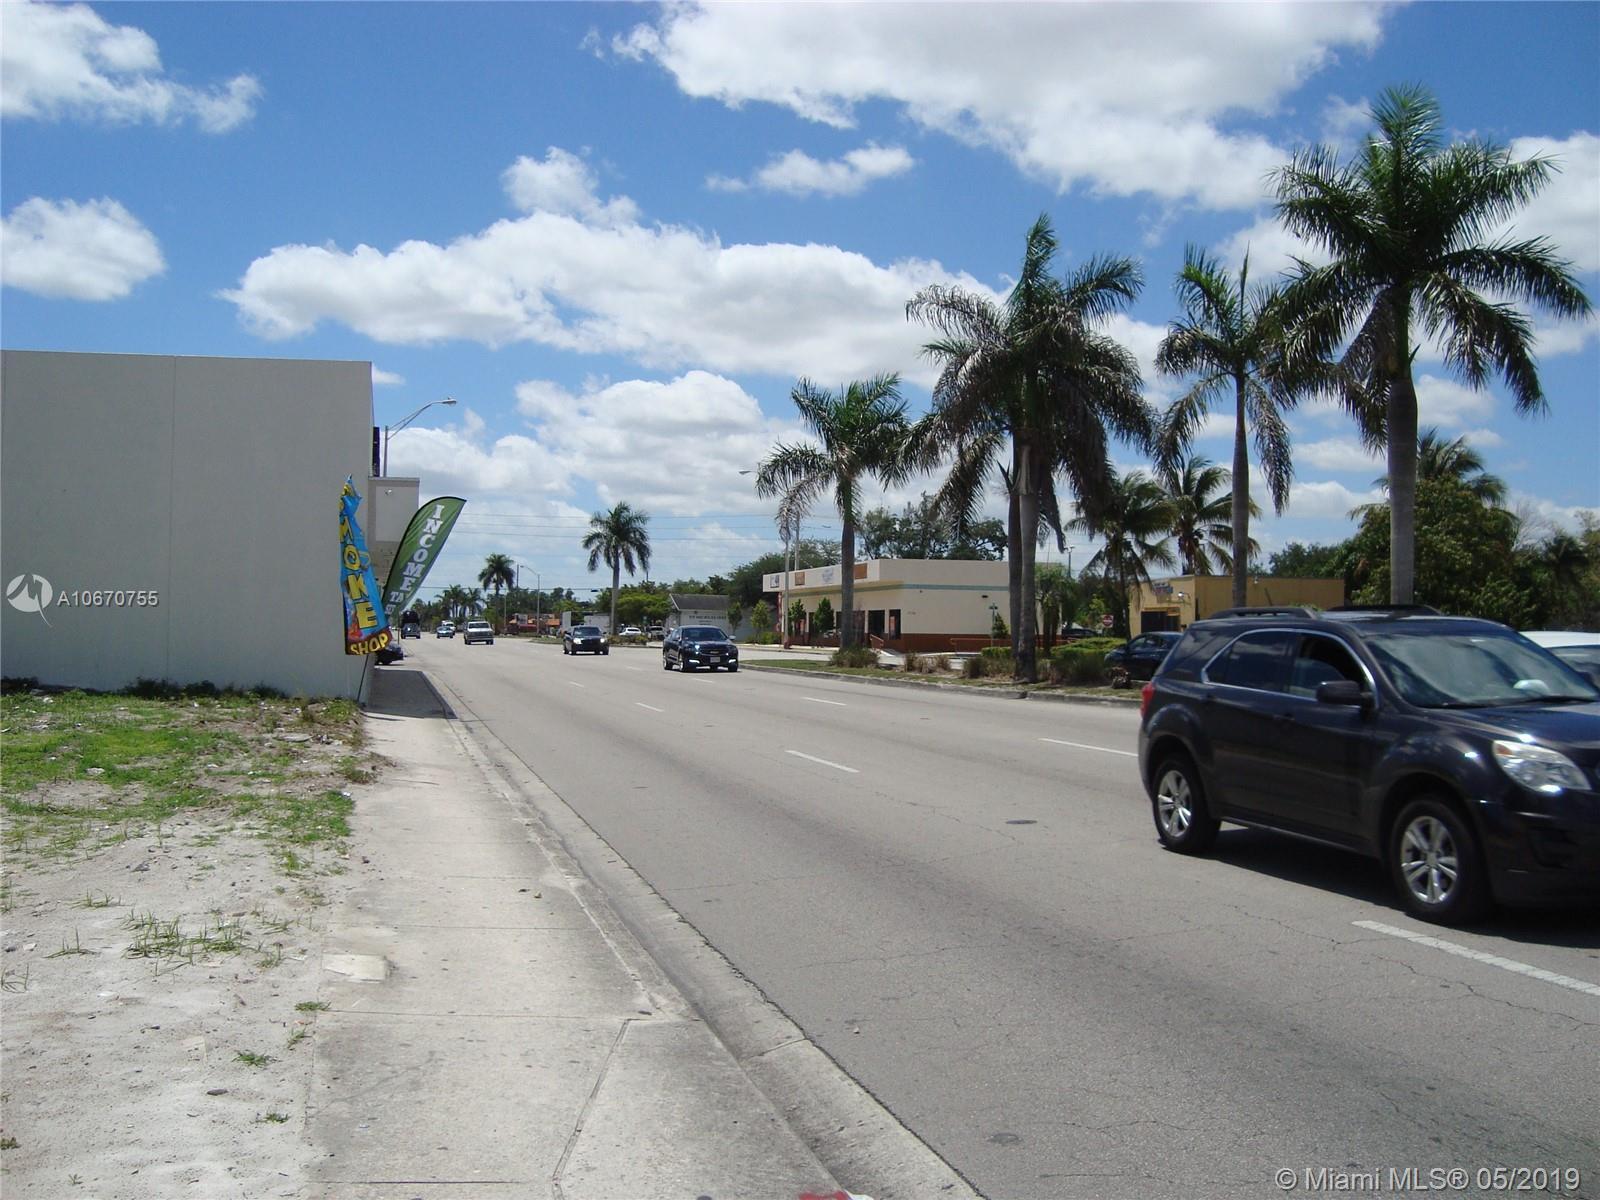 9229 NW 22 Ave Miami, FL - Image 1